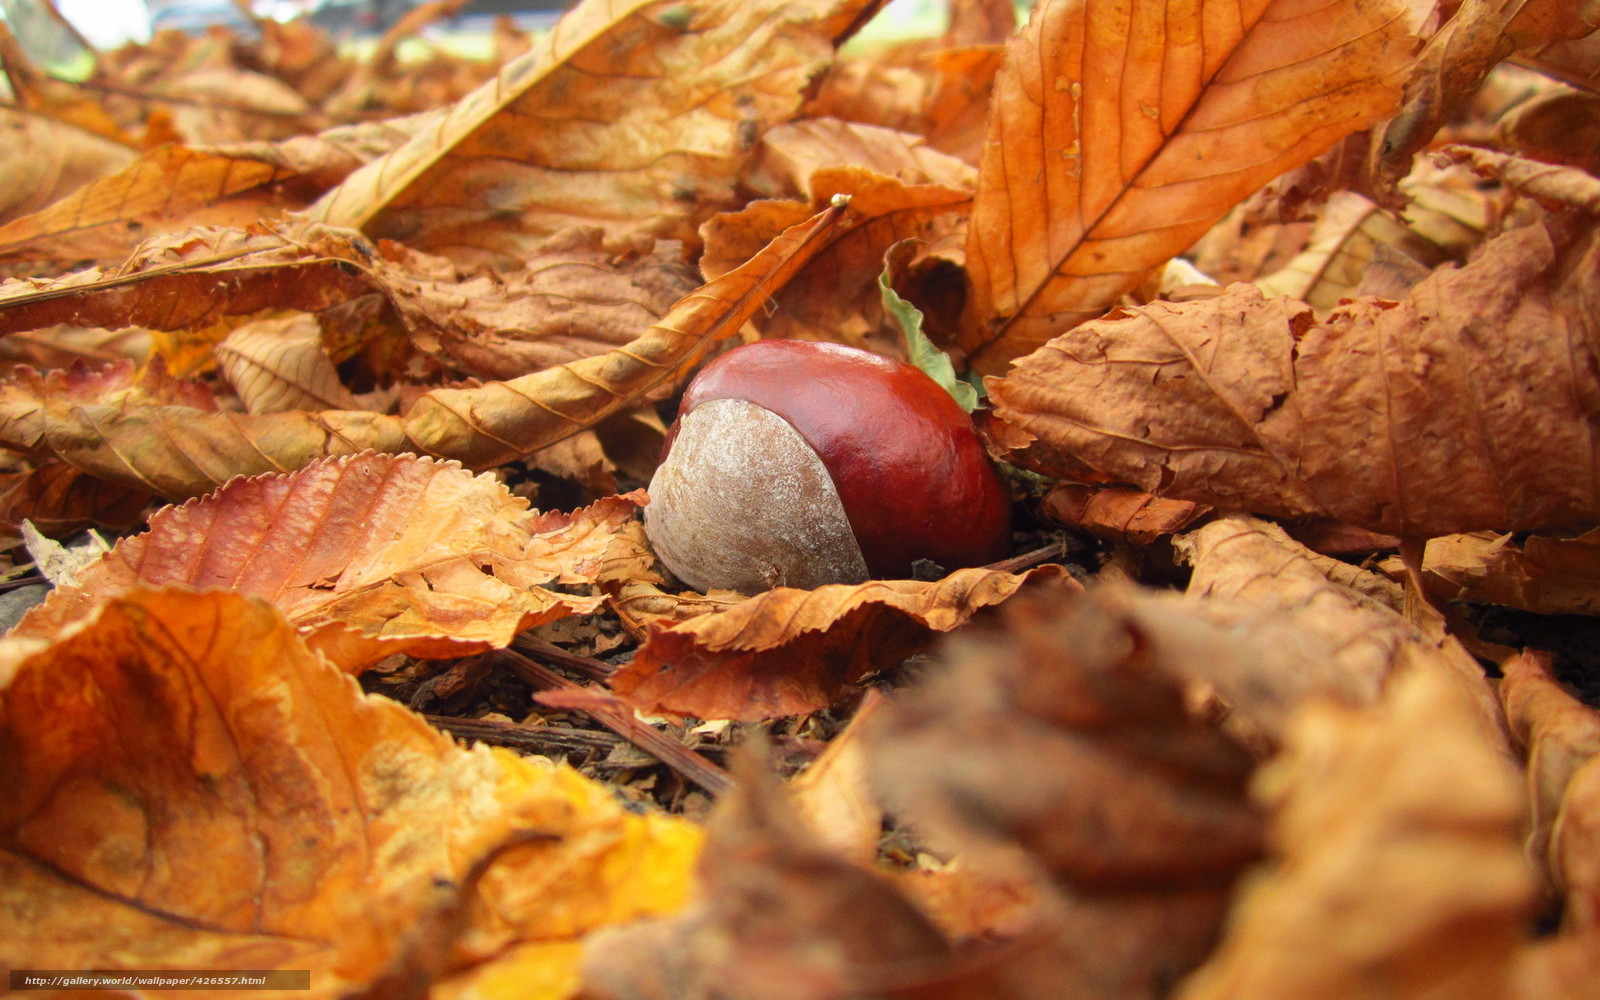 Scaricare gli sfondi castagno natura fogliame autunno for Immagini autunno hd